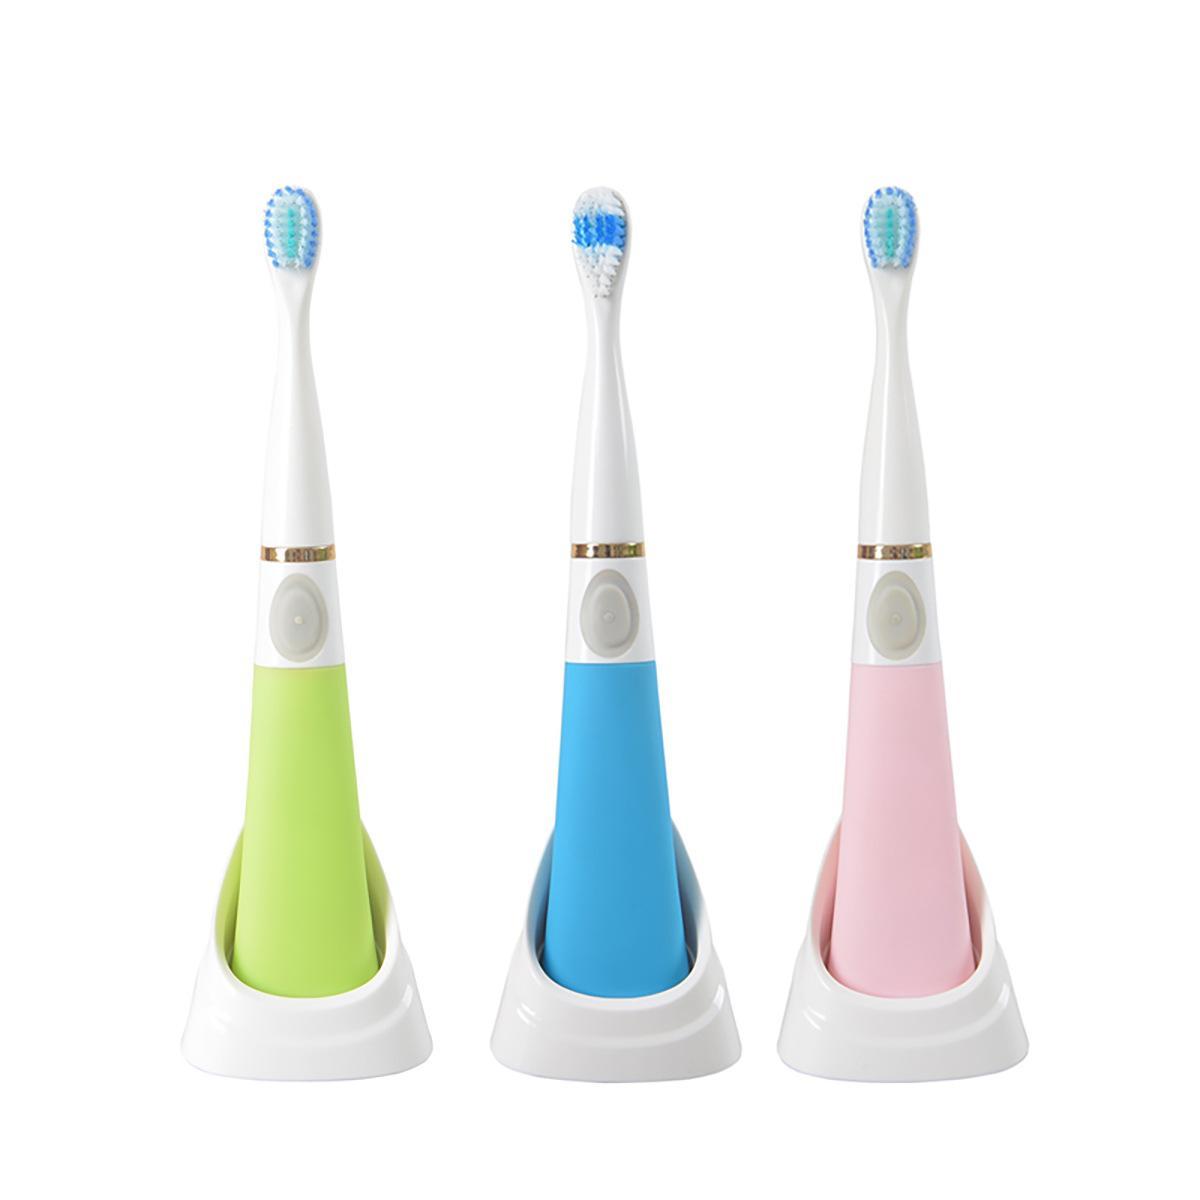 选购电动牙刷的一点个人经验。